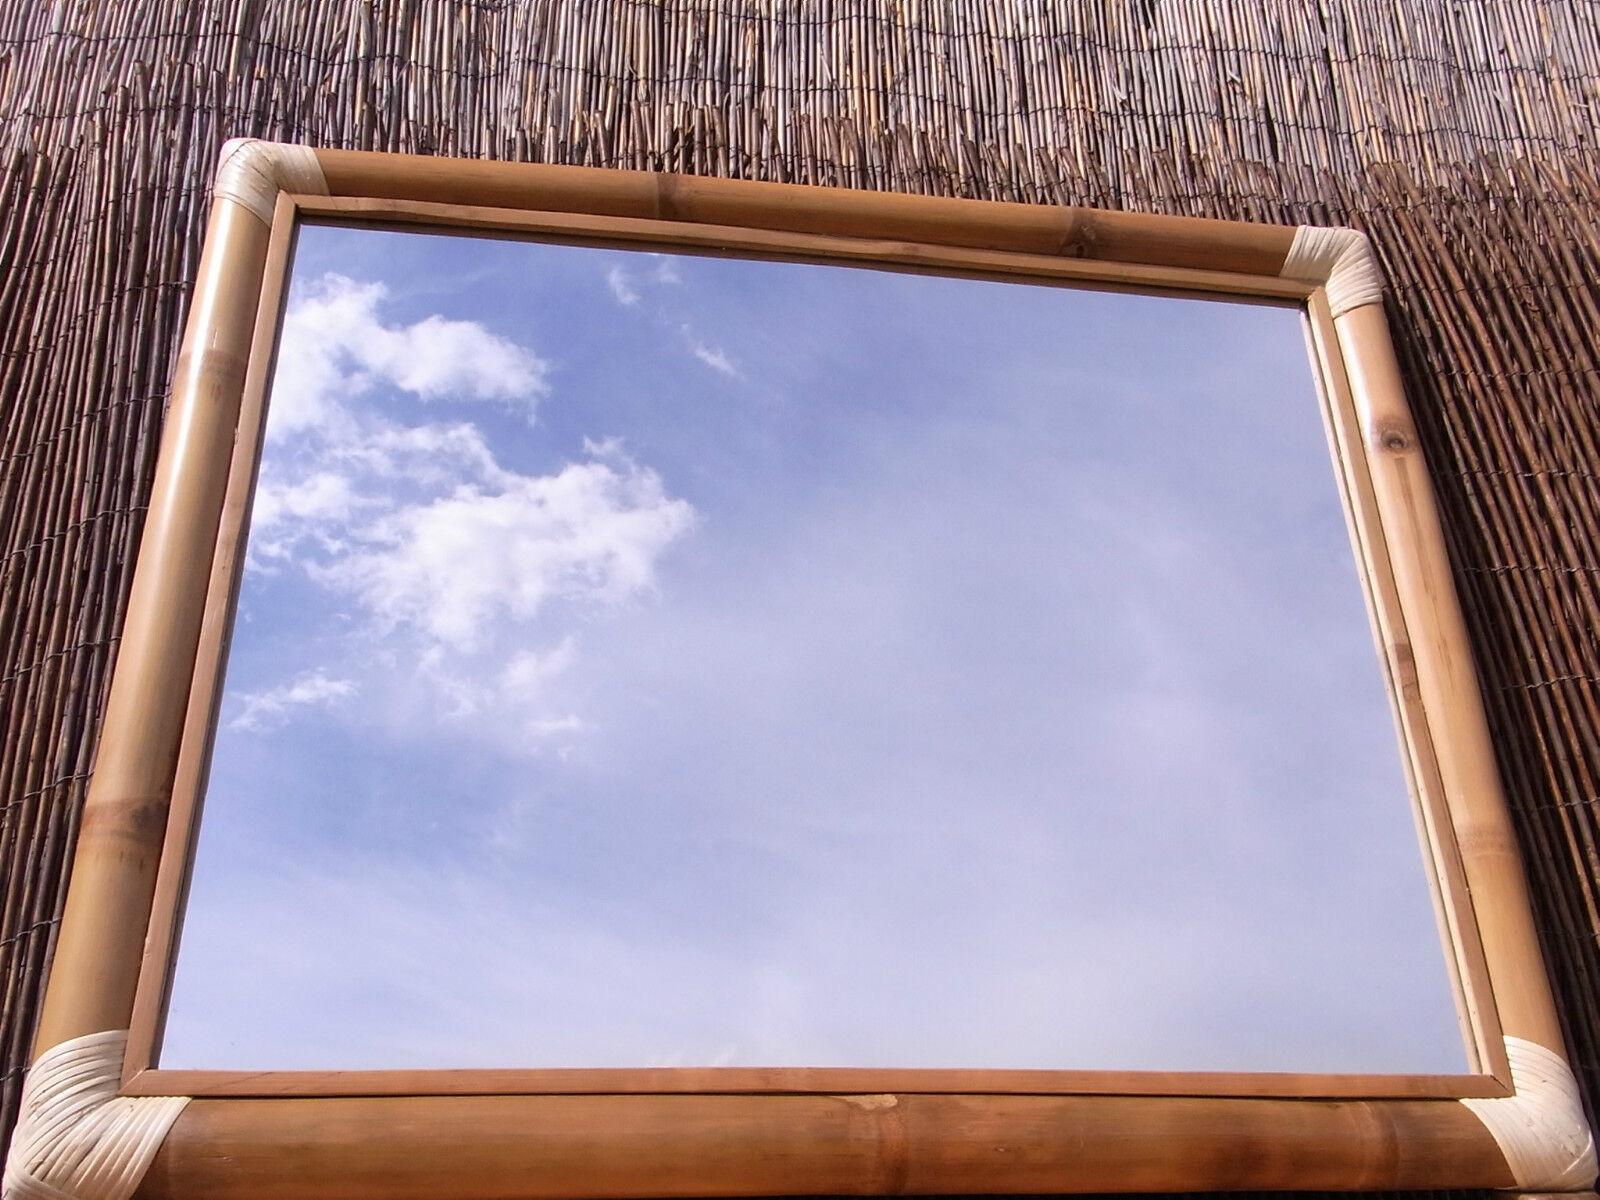 Bambusspiegel Spiegel Wandspiegel Badspiegel Bambus Holz natur XL II